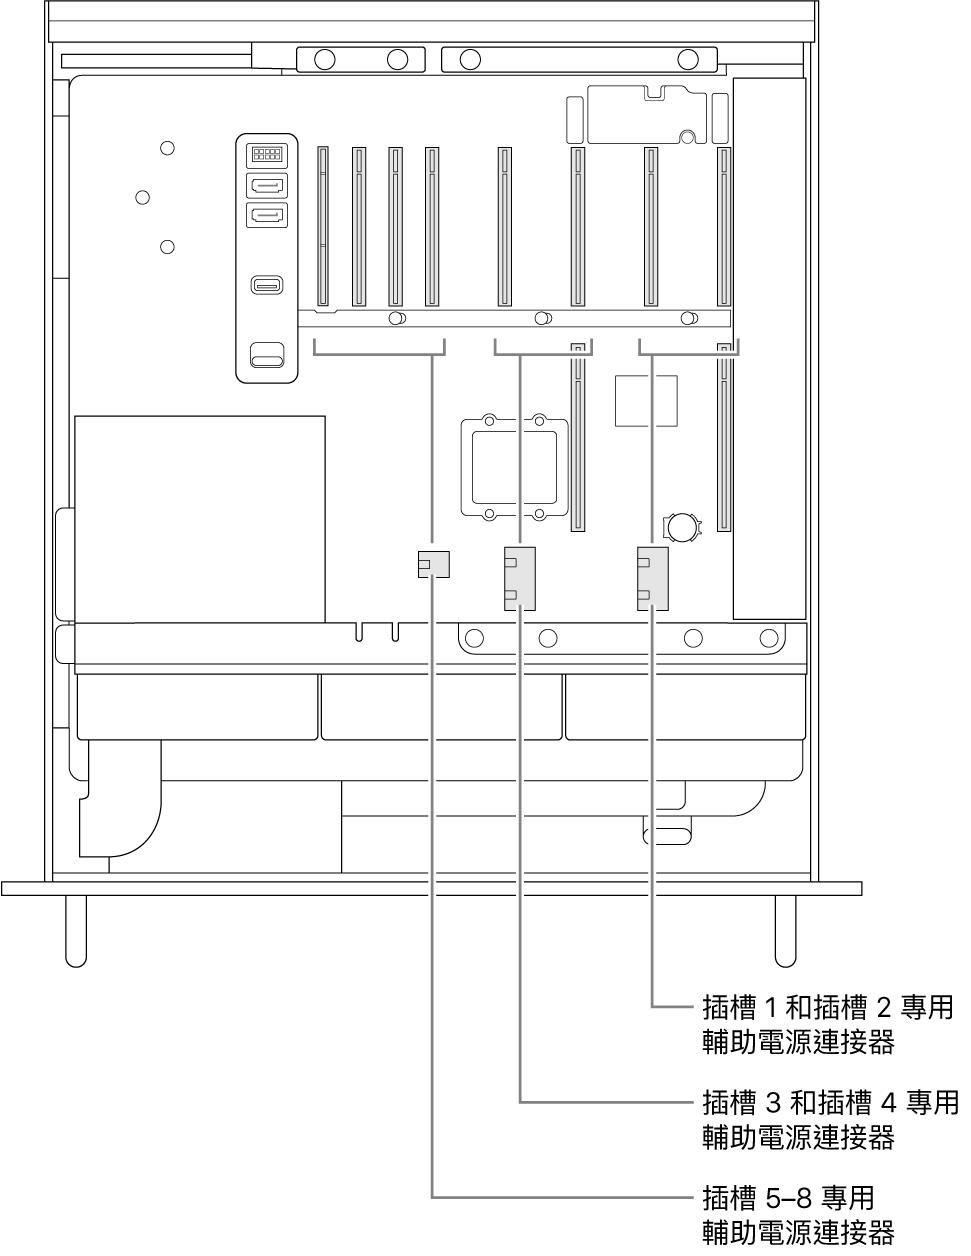 Mac Pro 的側面打開並帶有圖說,顯示哪些插槽與哪些輔助電源連接器有關。